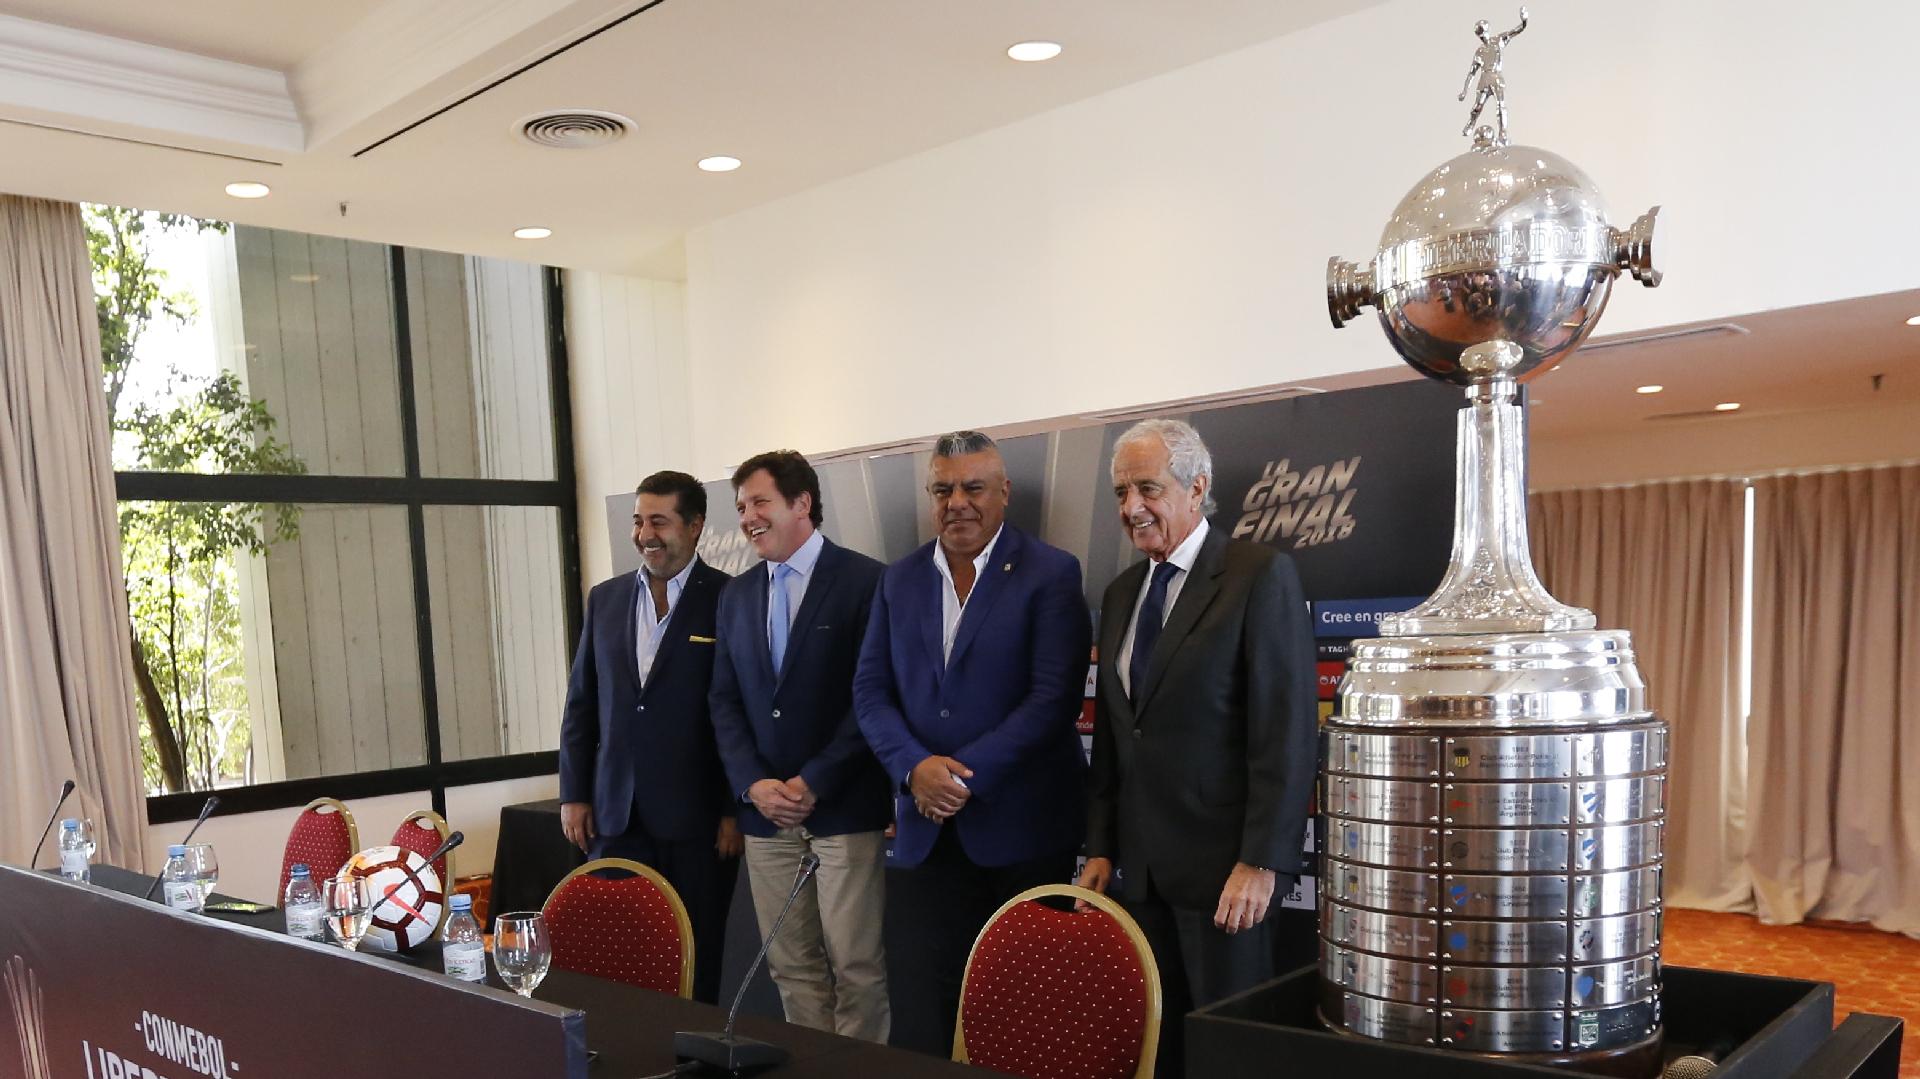 Los directivos que ayer estuvieron reunidos en Asunción en una imagen que se tomó antes de la primera final de la Copa (Nicolás Aboaf)